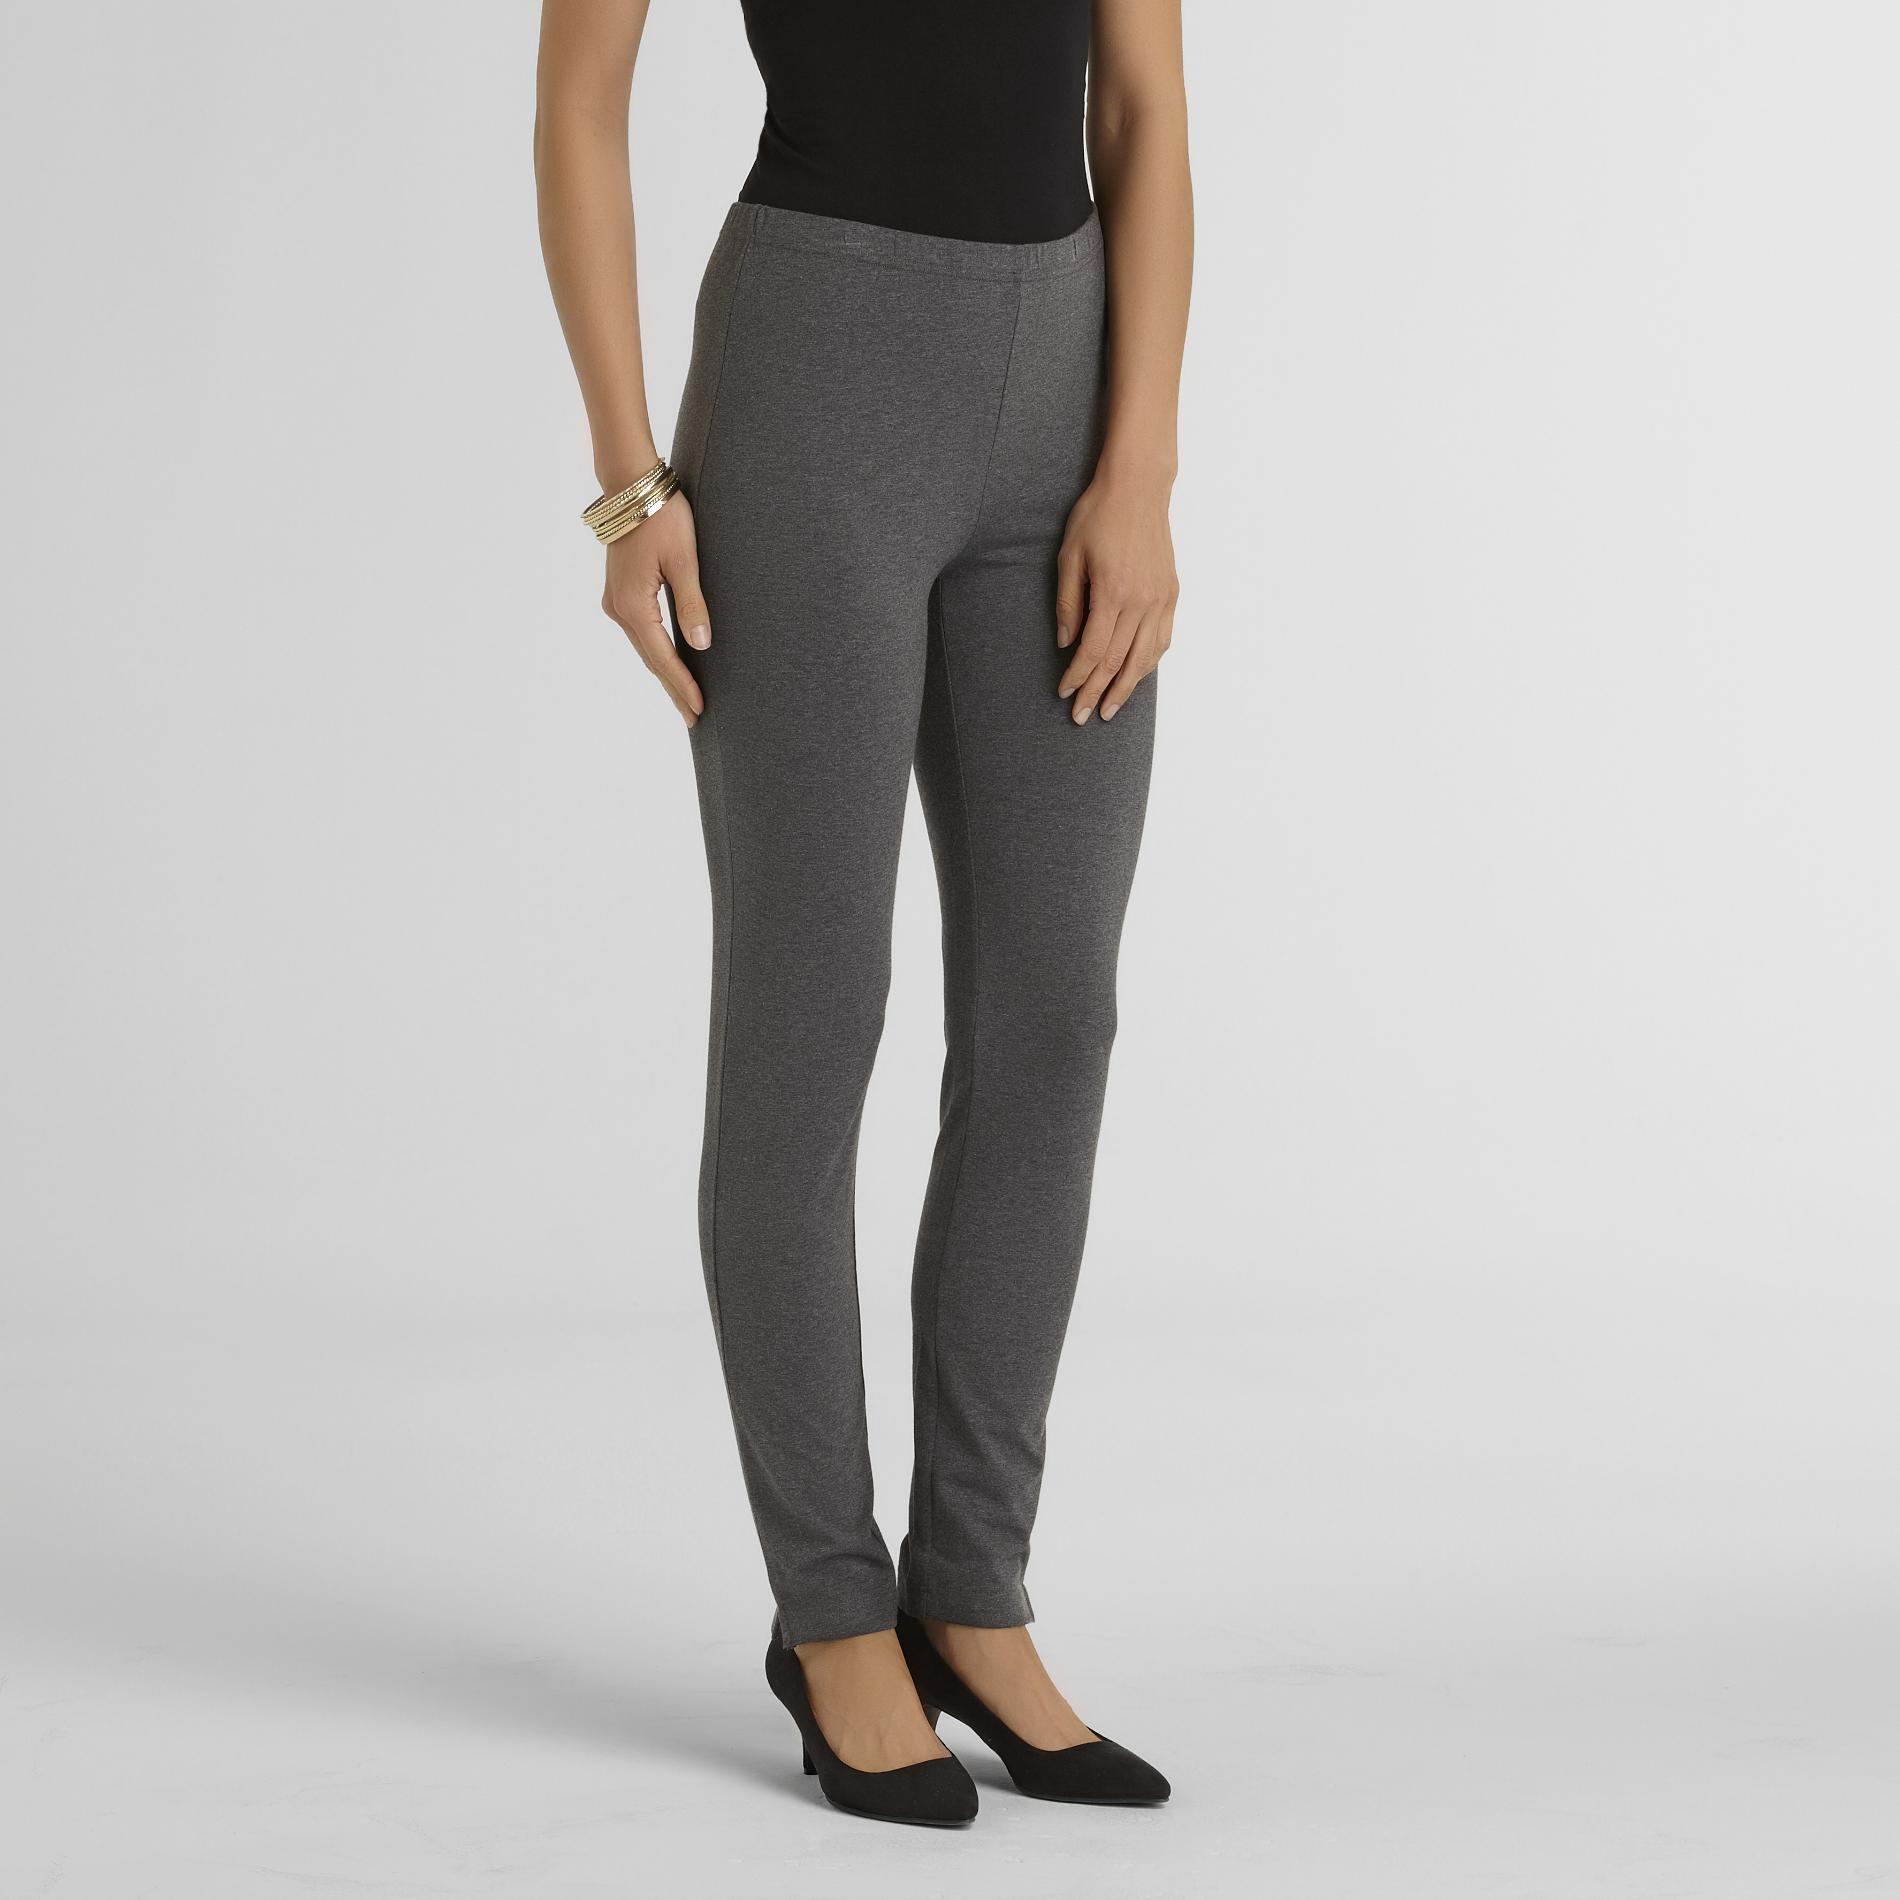 Kmart Basic Edition Leggings Women